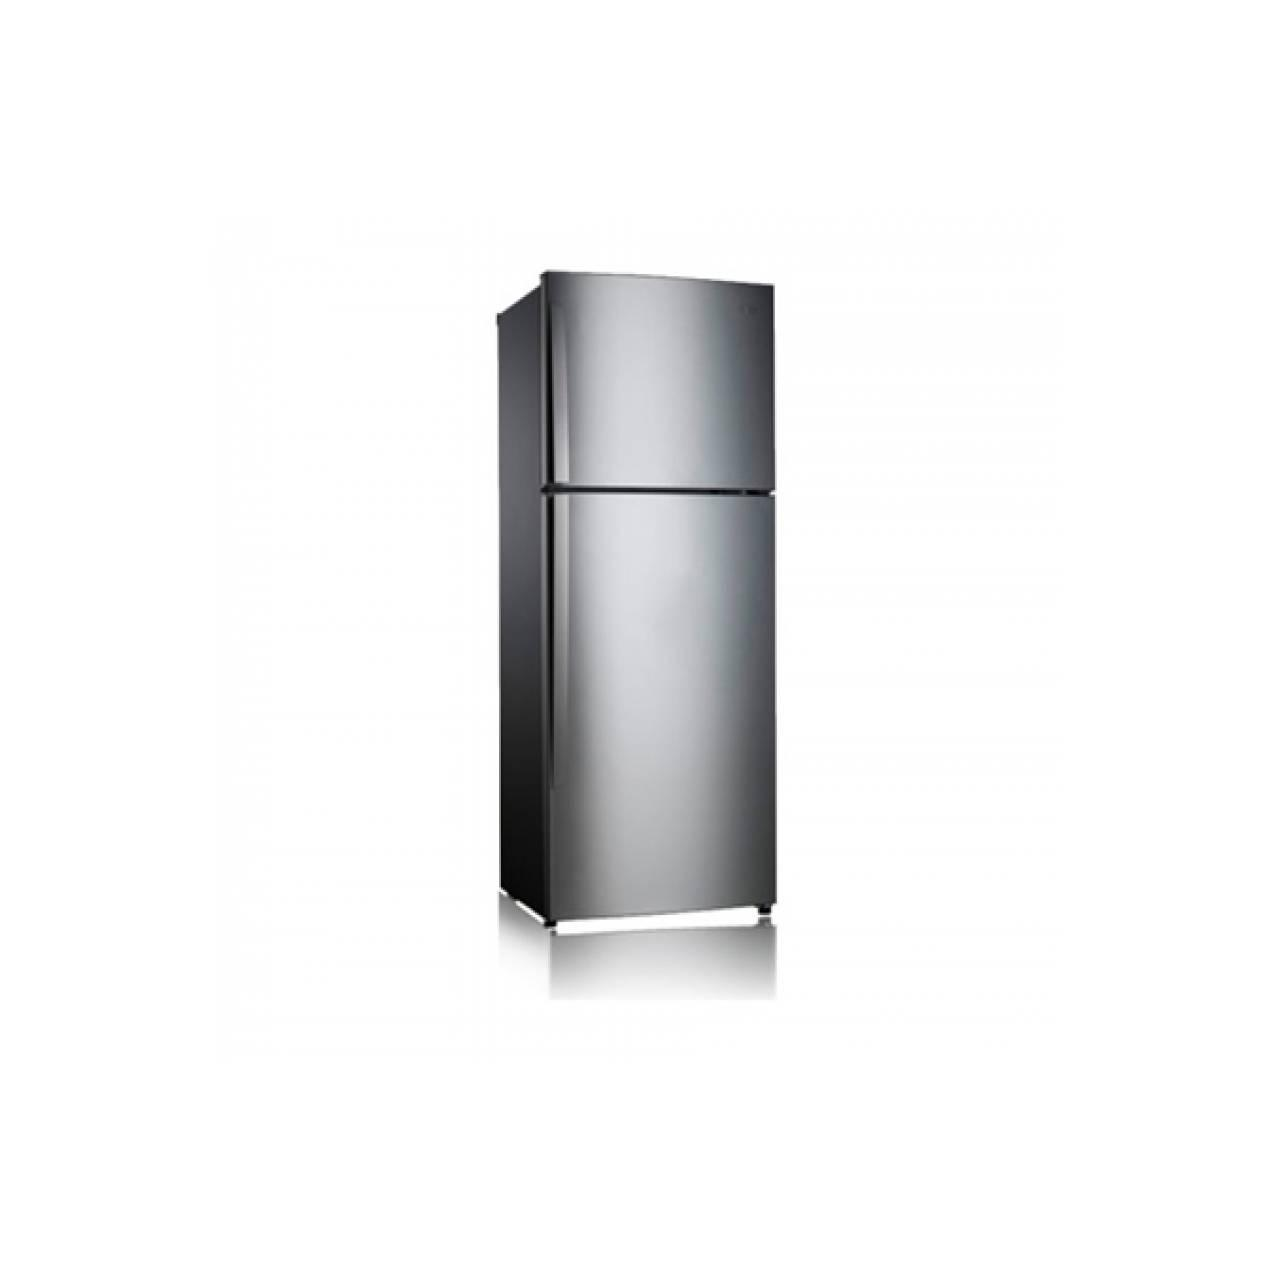 Lemari es dengan kapasitas freezer yang lebih besar GN-B492GLC